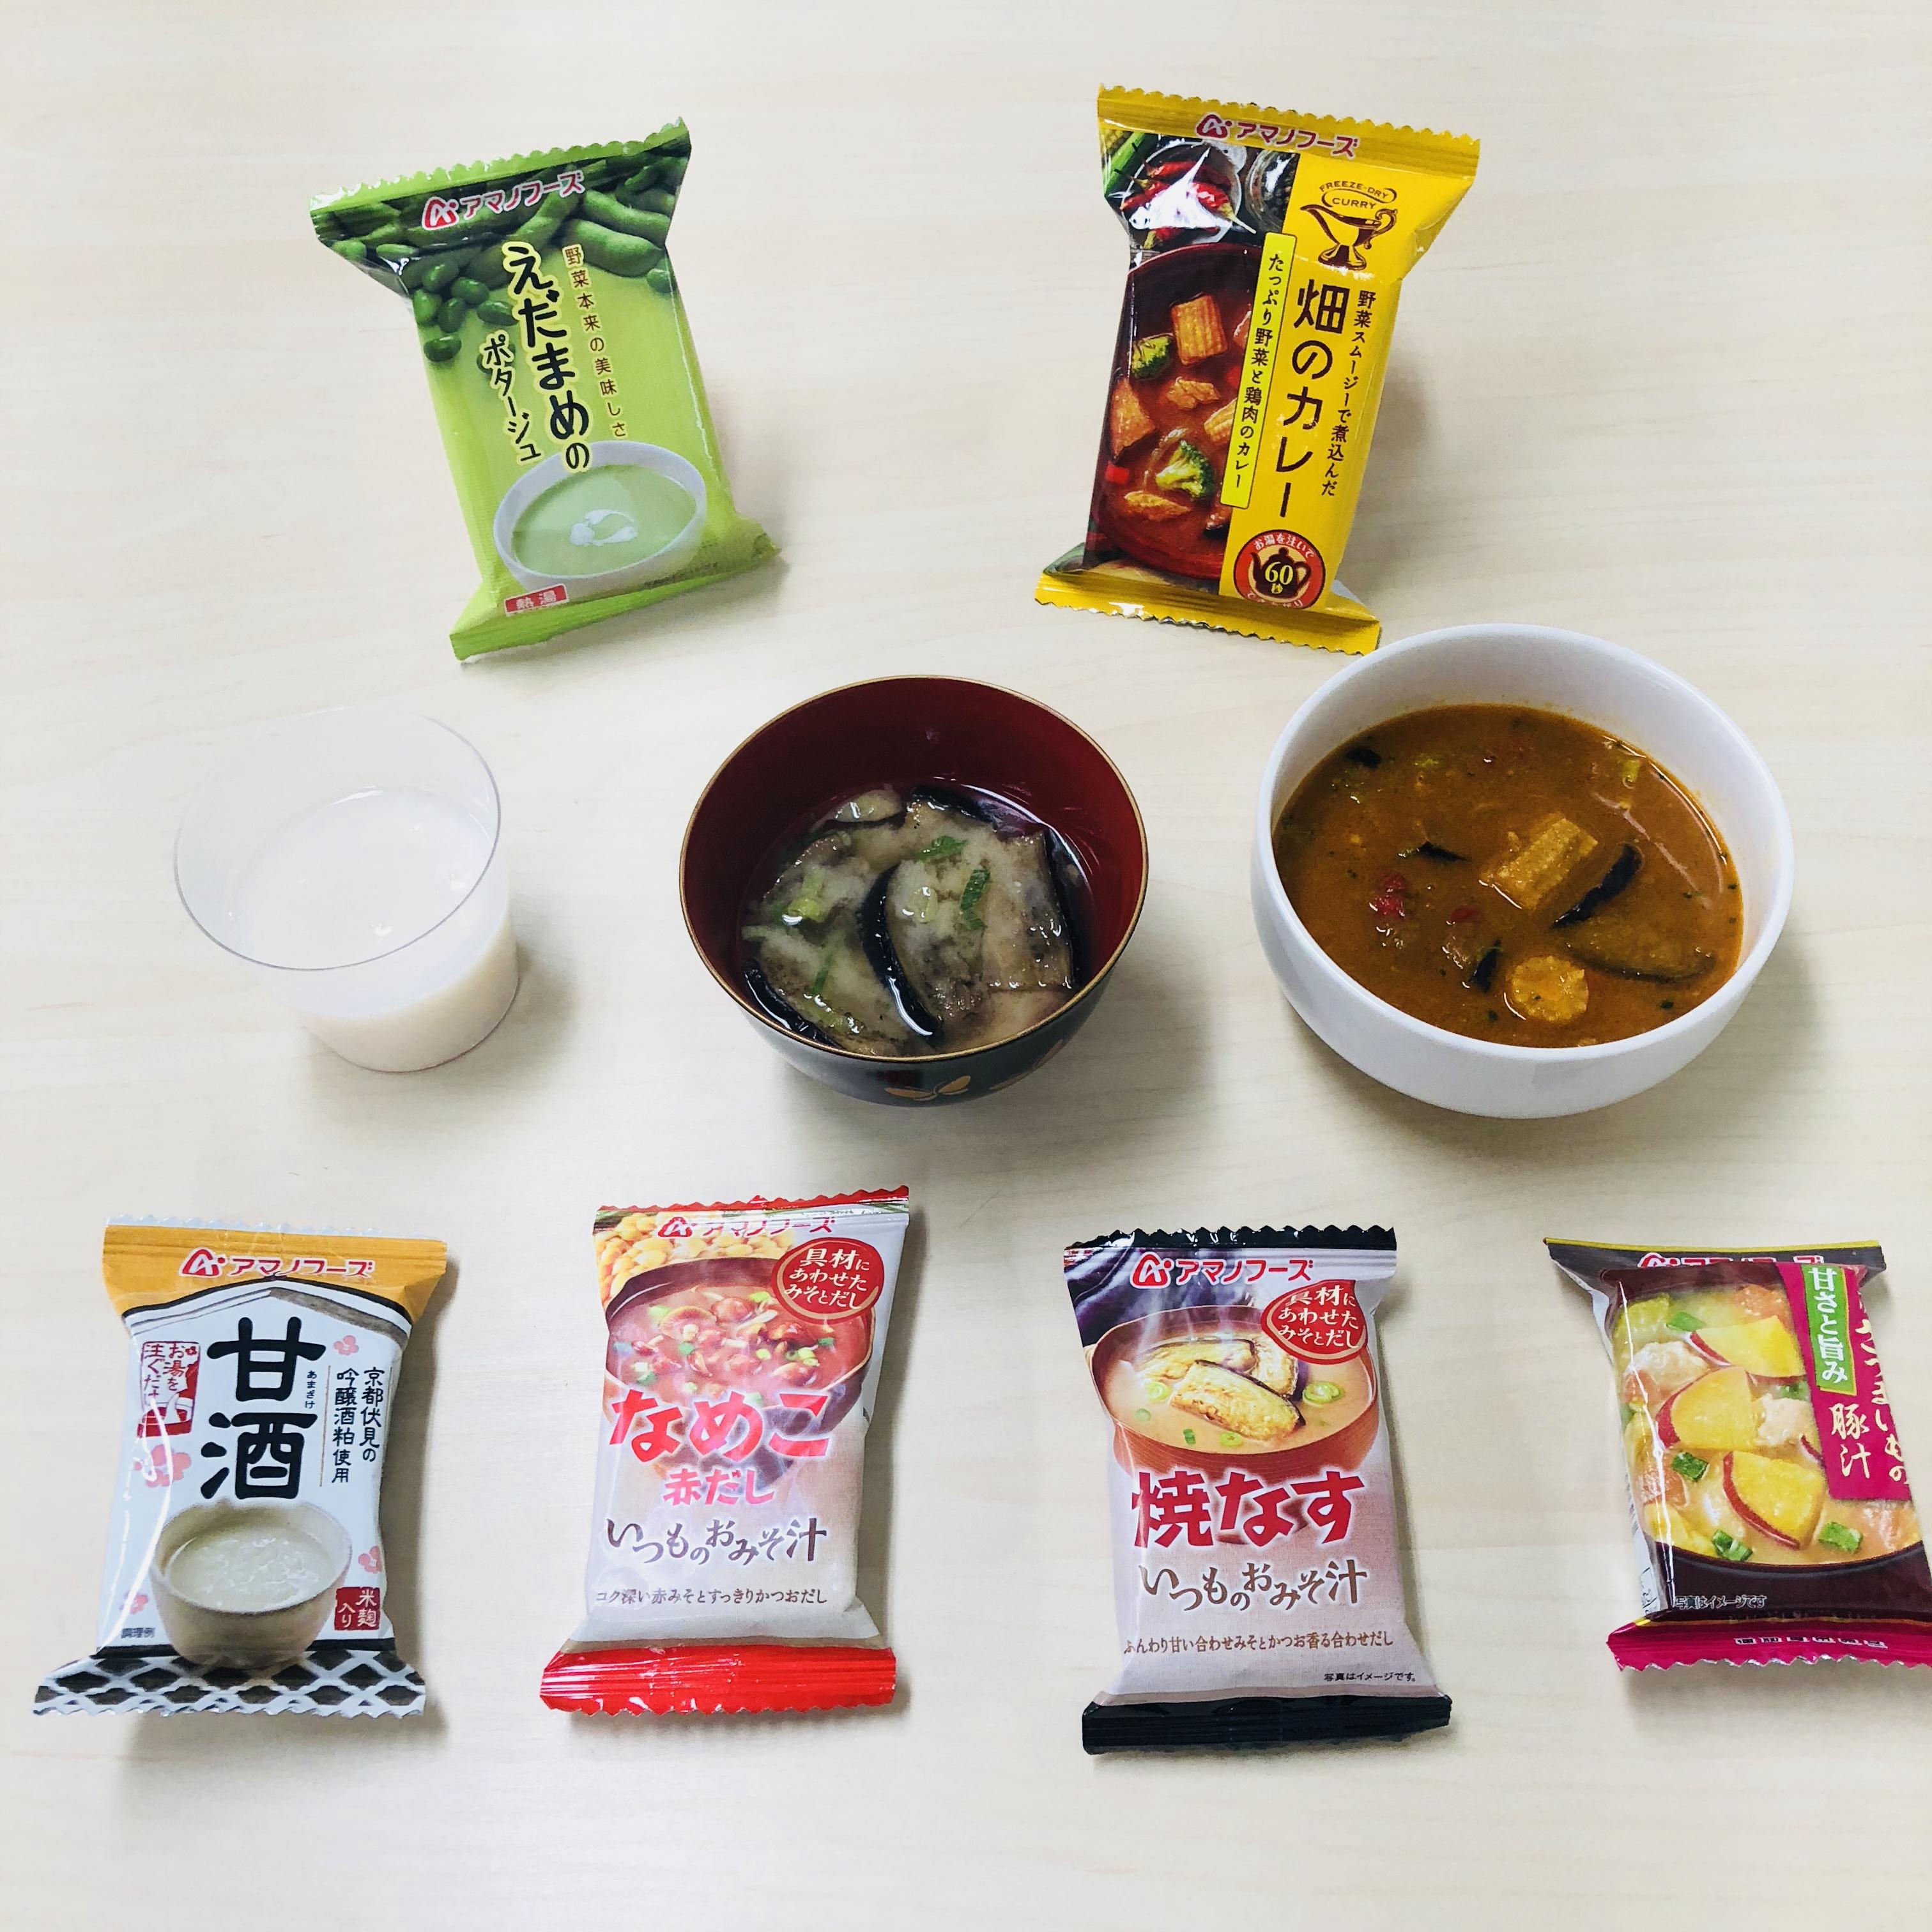 みそ汁にスープ…フリーズドライのクオリティーに驚き!「アマノフーズ」の売上ランキングをkufura編集部で実食!